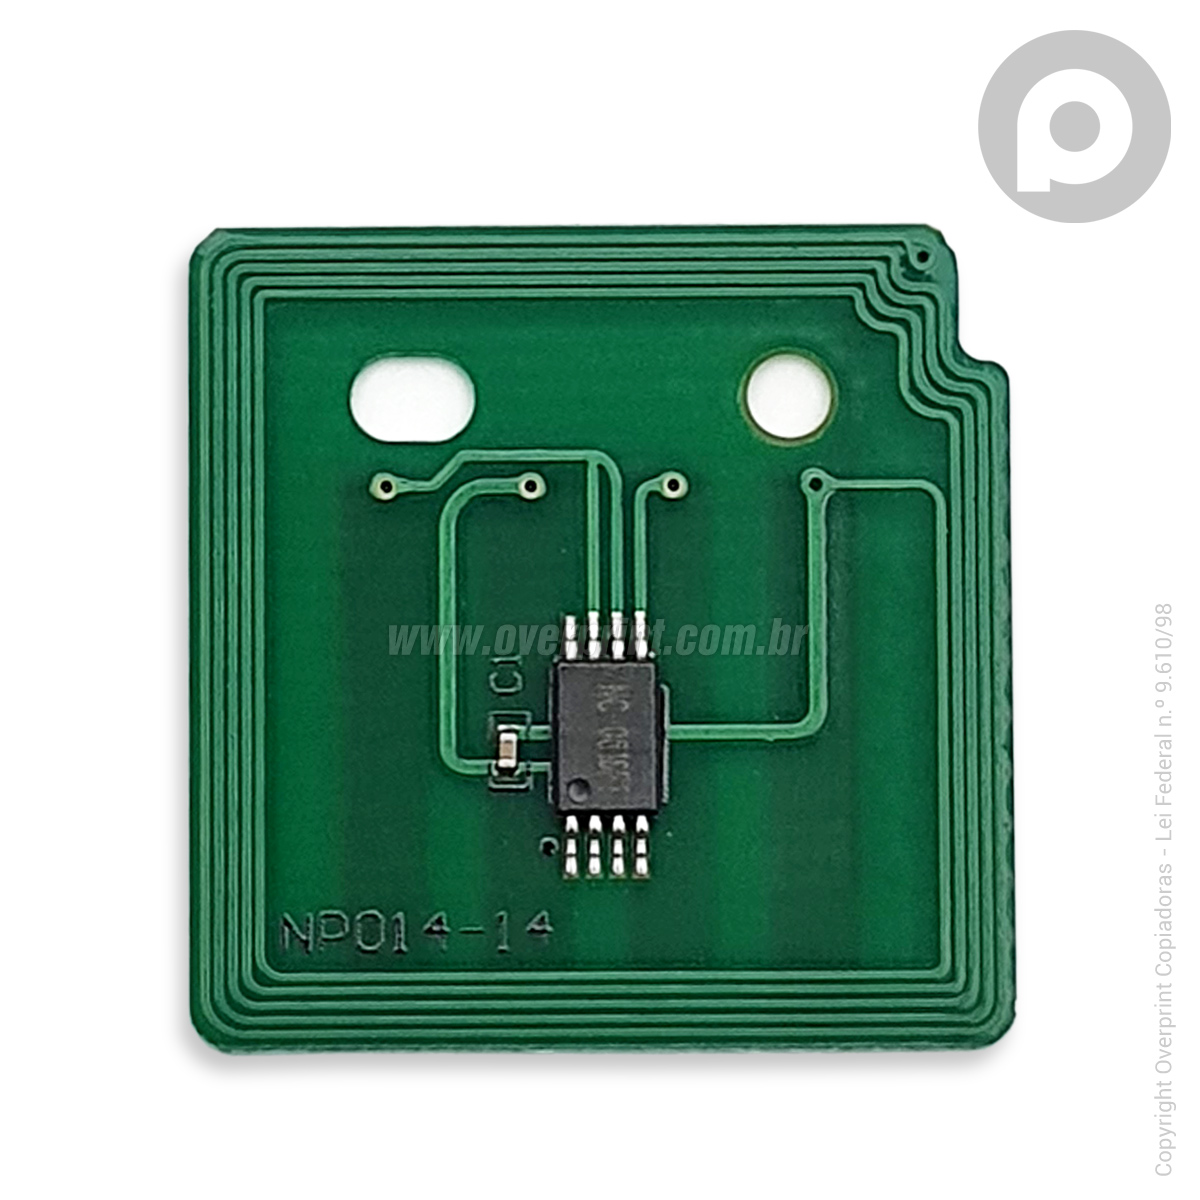 Chip Toner Xerox Altalink C8030 /C8035 /C8045 /C8055 /C8070  - Overprint